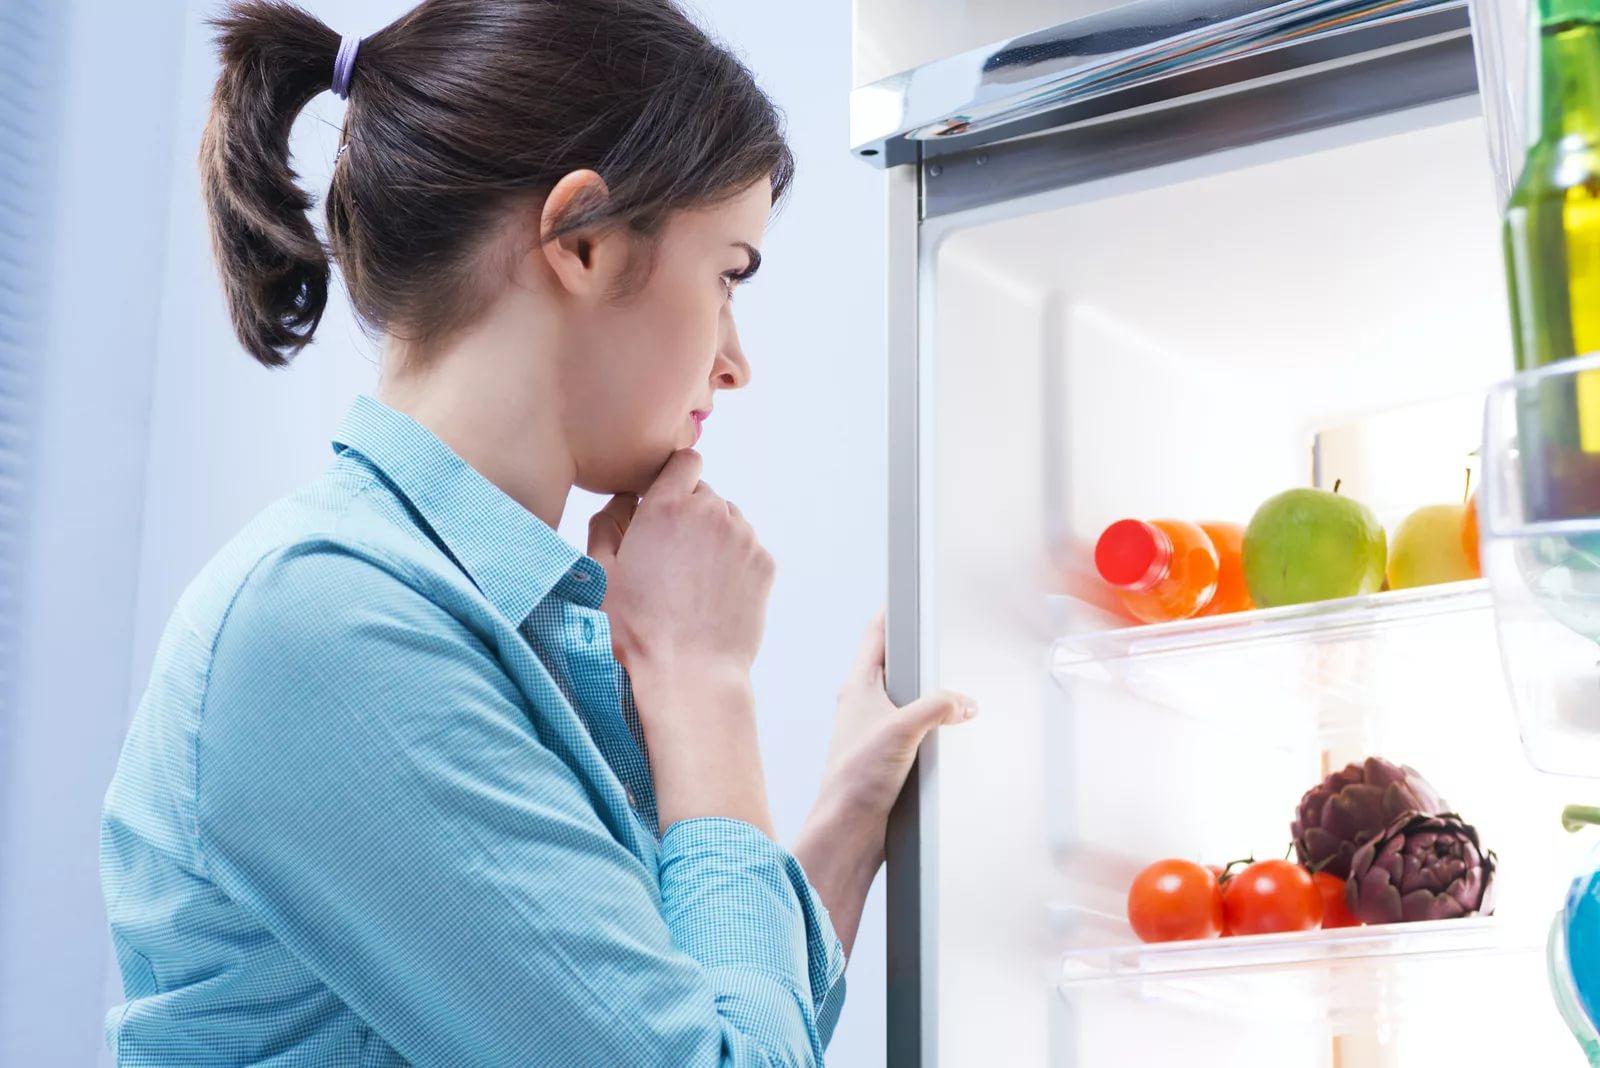 избавиться от запаха в холодильнике